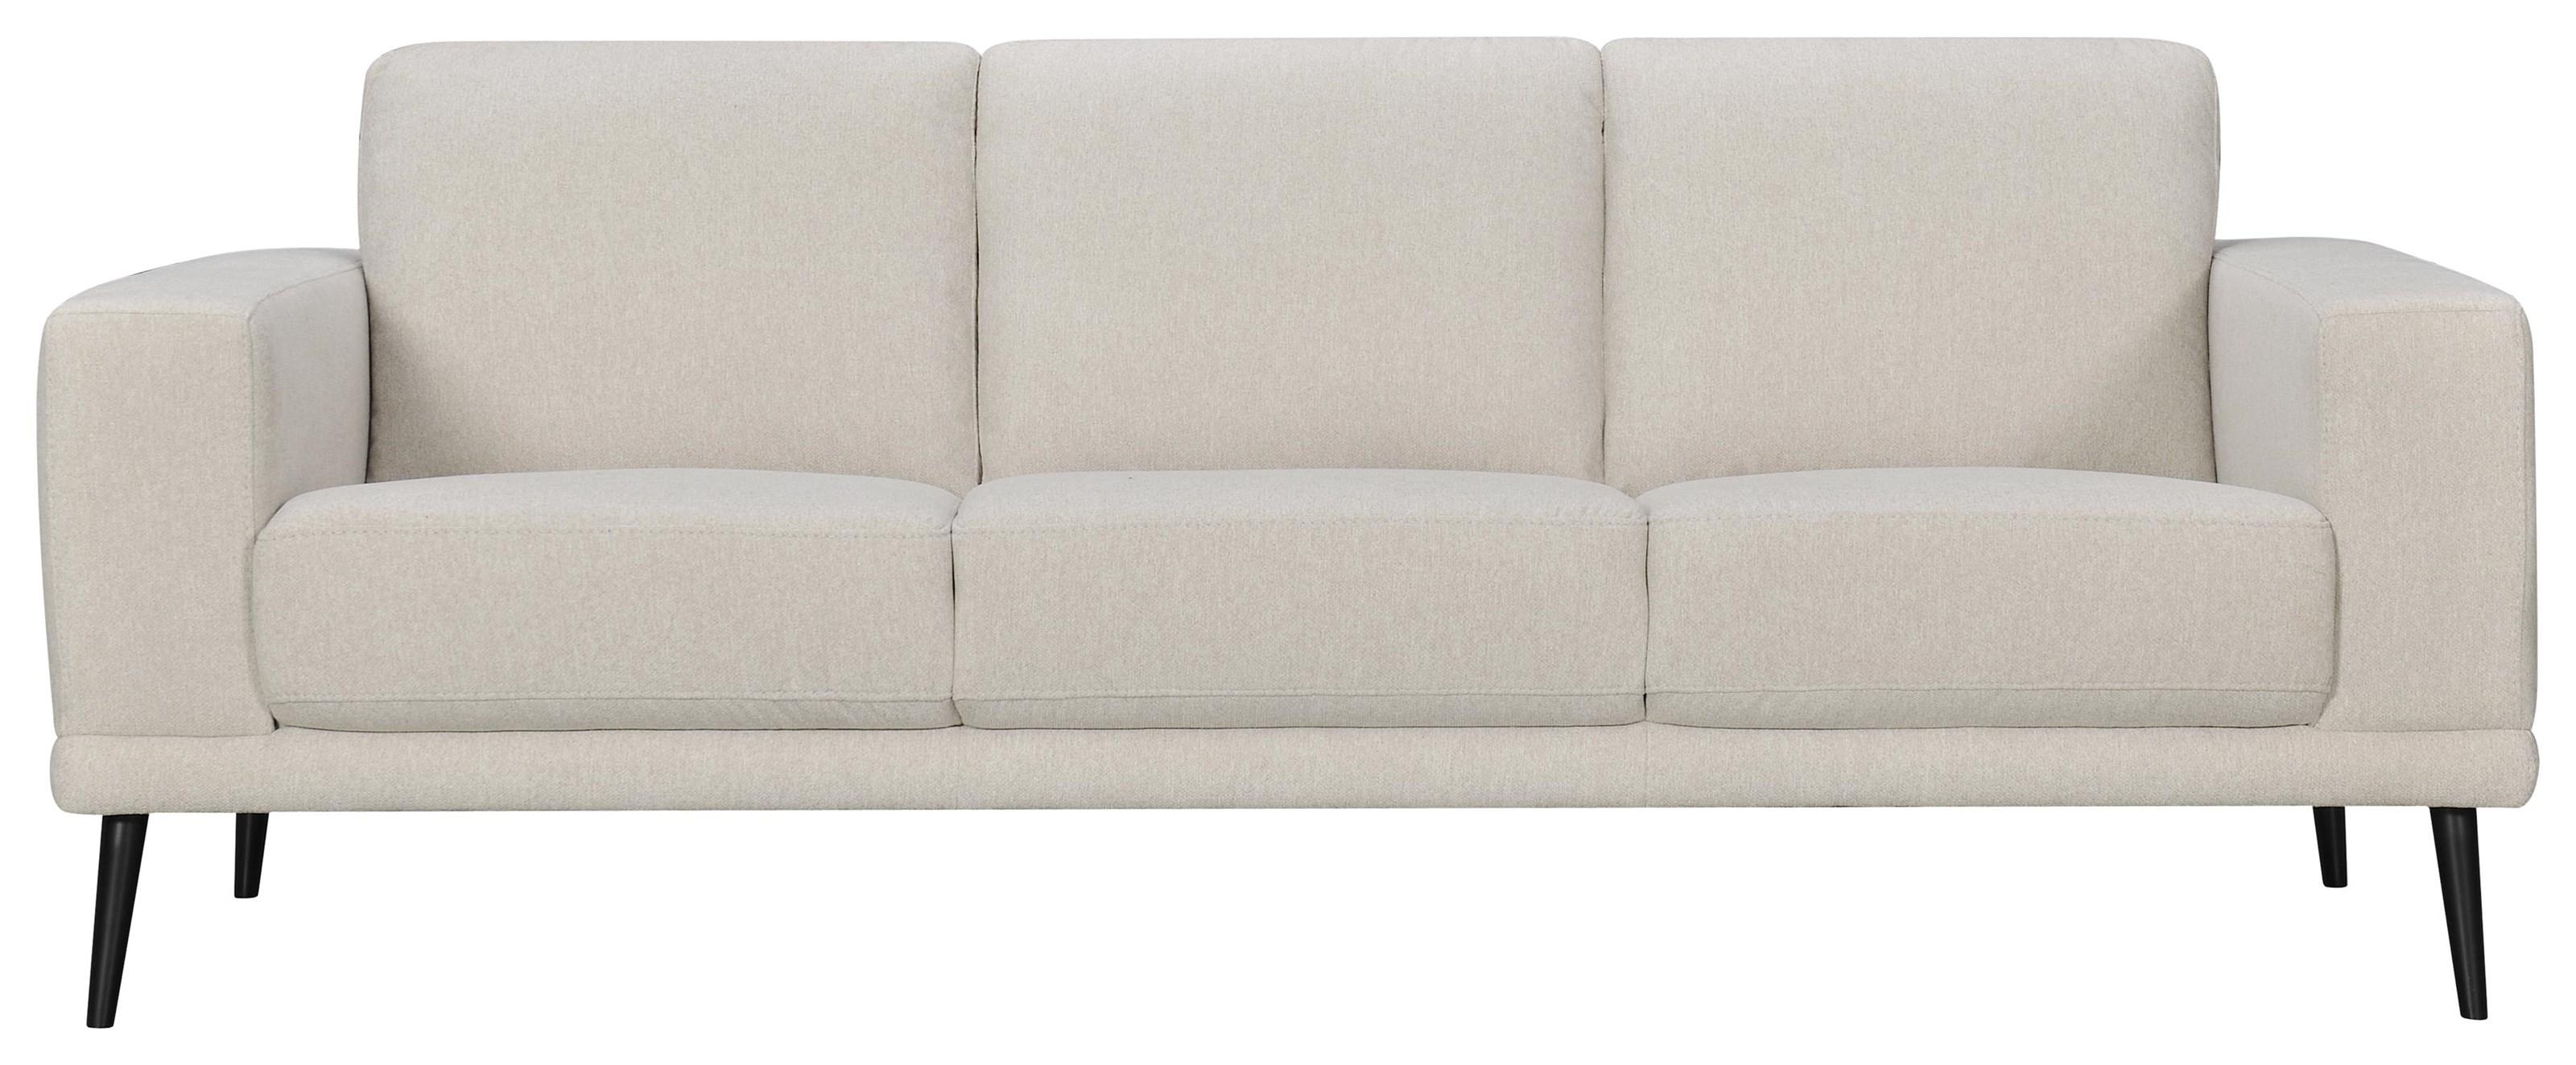 Harlow Sofa by Violino at HomeWorld Furniture